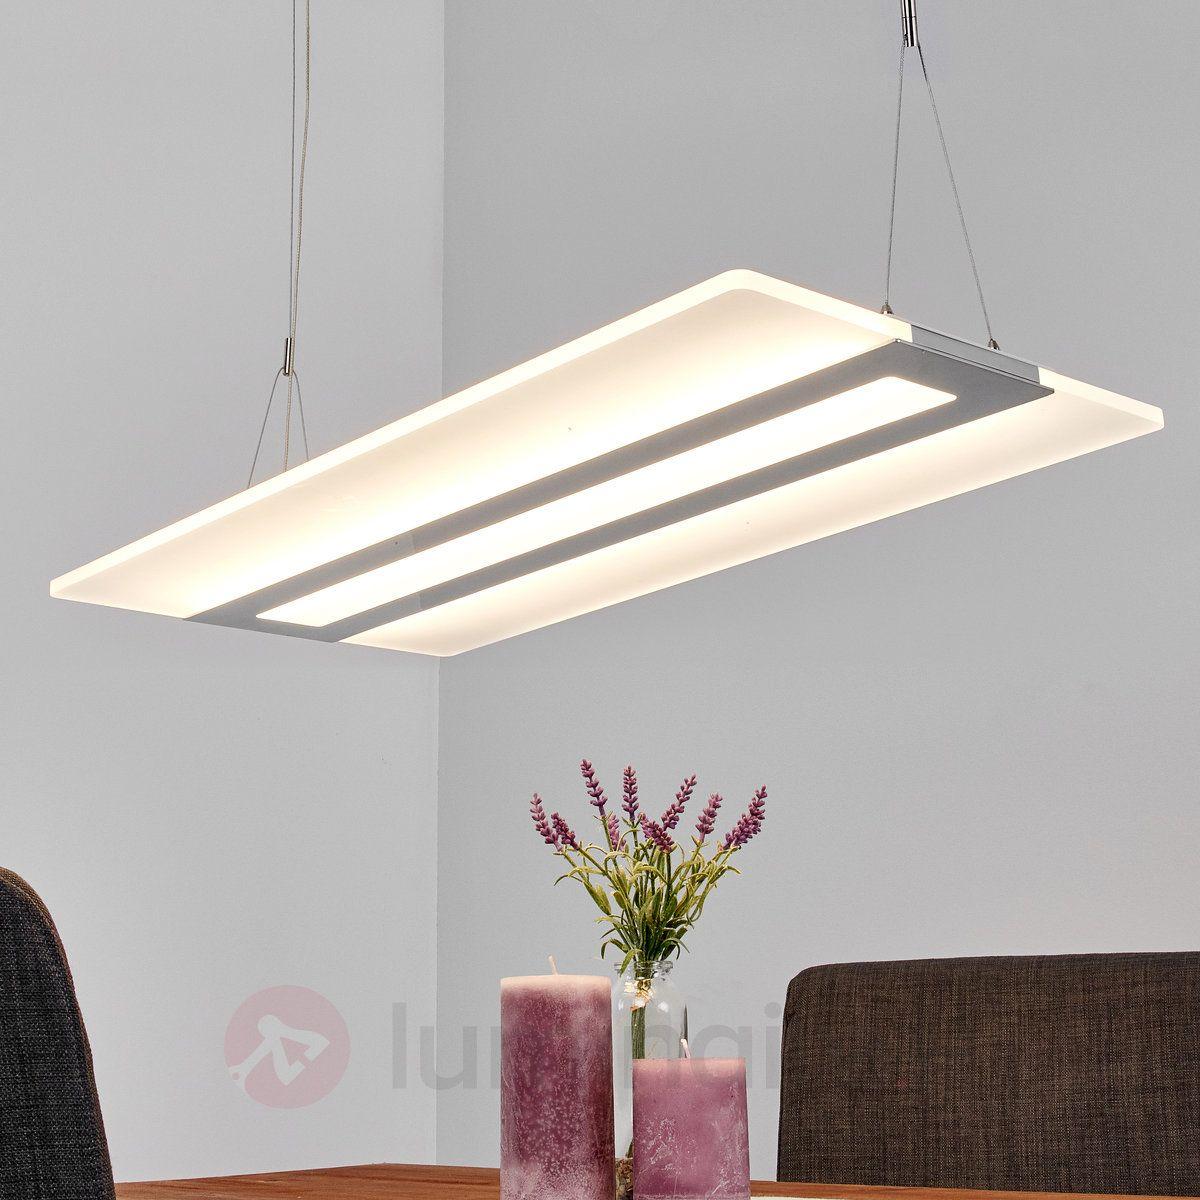 Suspension LED rectangulaire Fiena 9644015